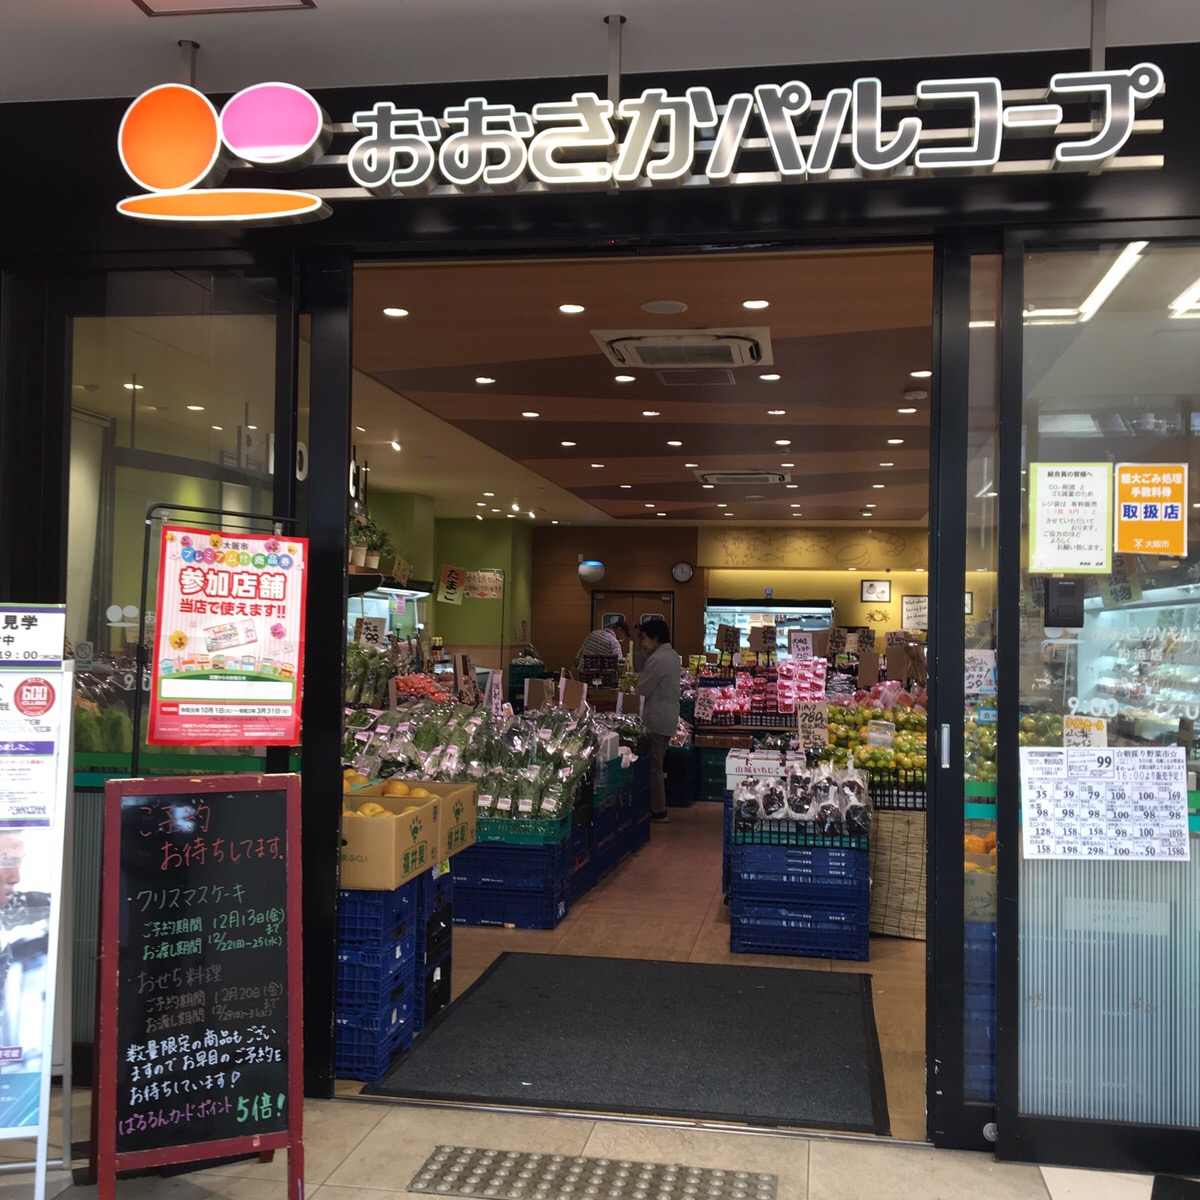 ★おおさかパルコープ粉浜店★魚がすごい!の画像